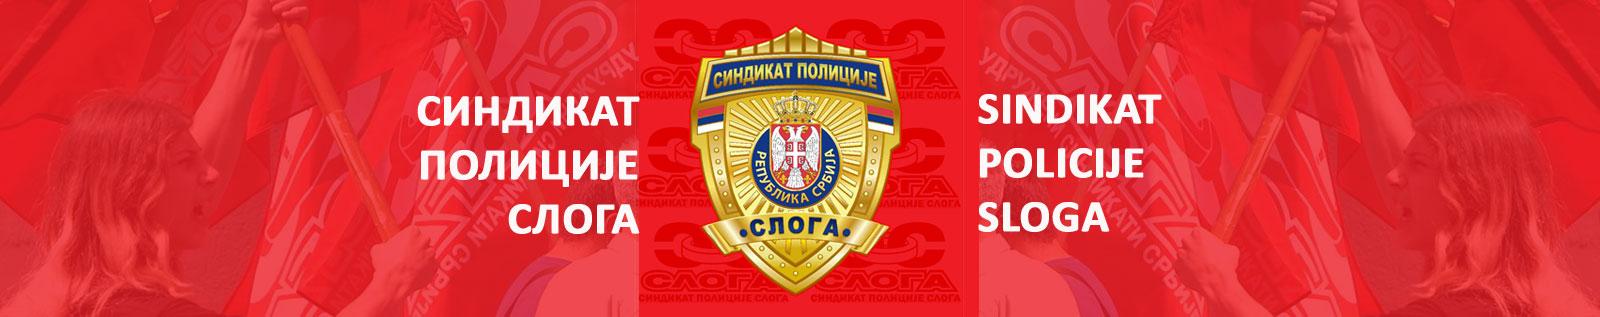 Синдикат полиције Слога